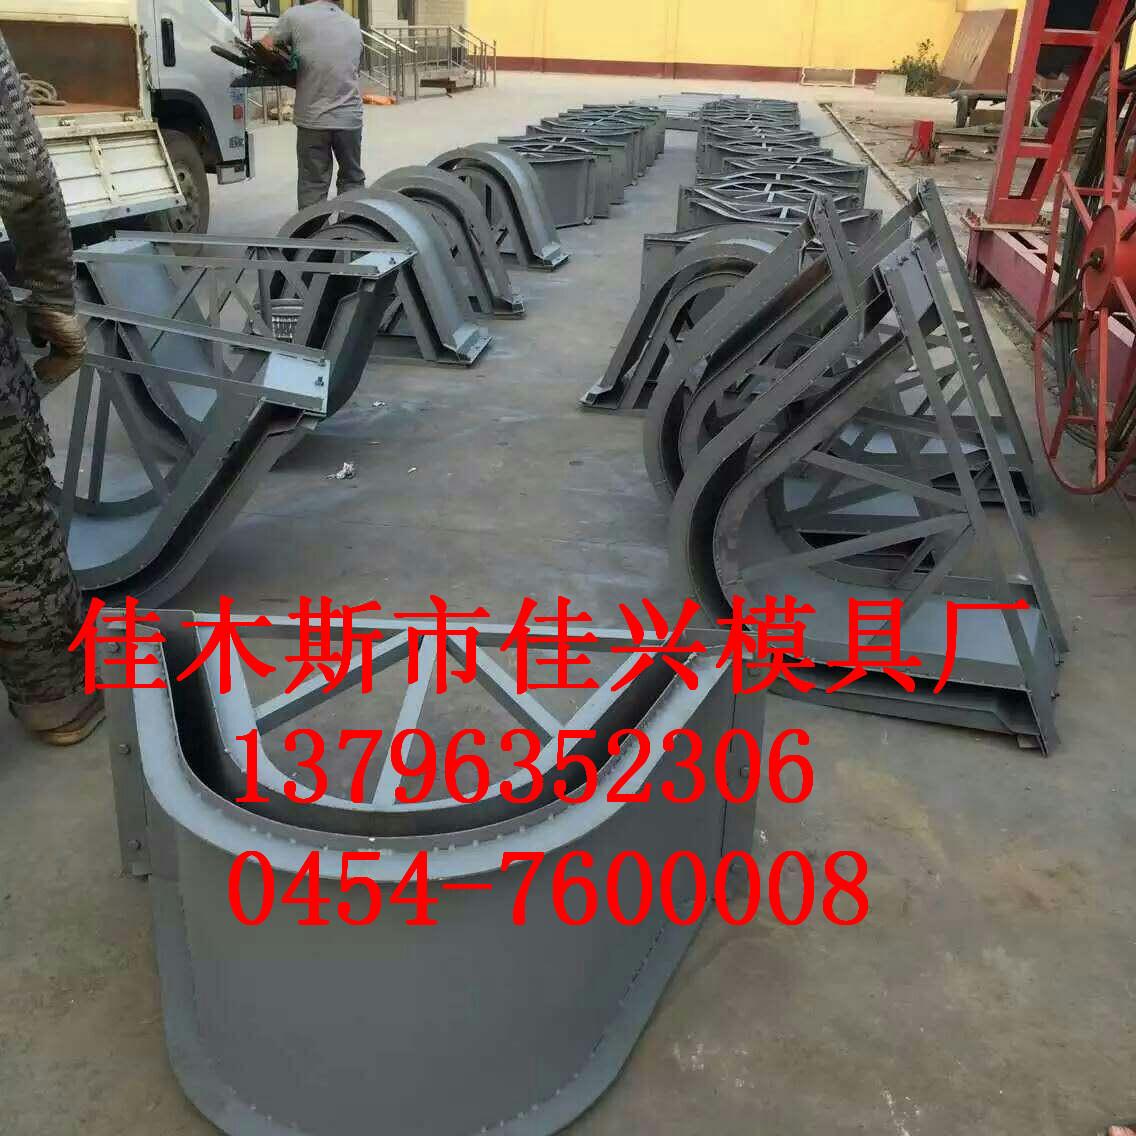 生态护坡塑料模具 就在黑龙江佳木斯盛达建材质量好